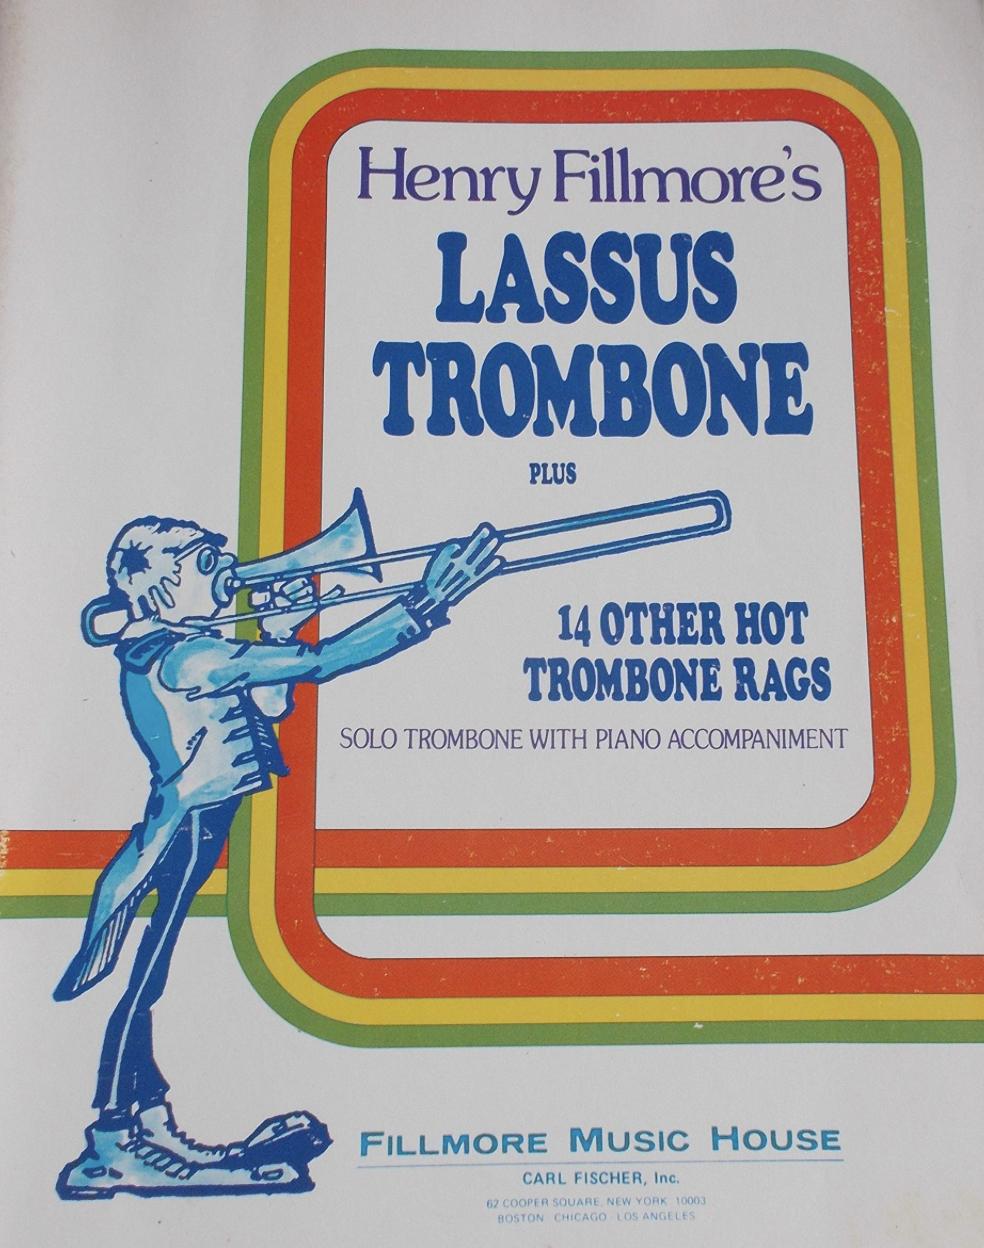 Fillmore_Lassus_Fischer_1978